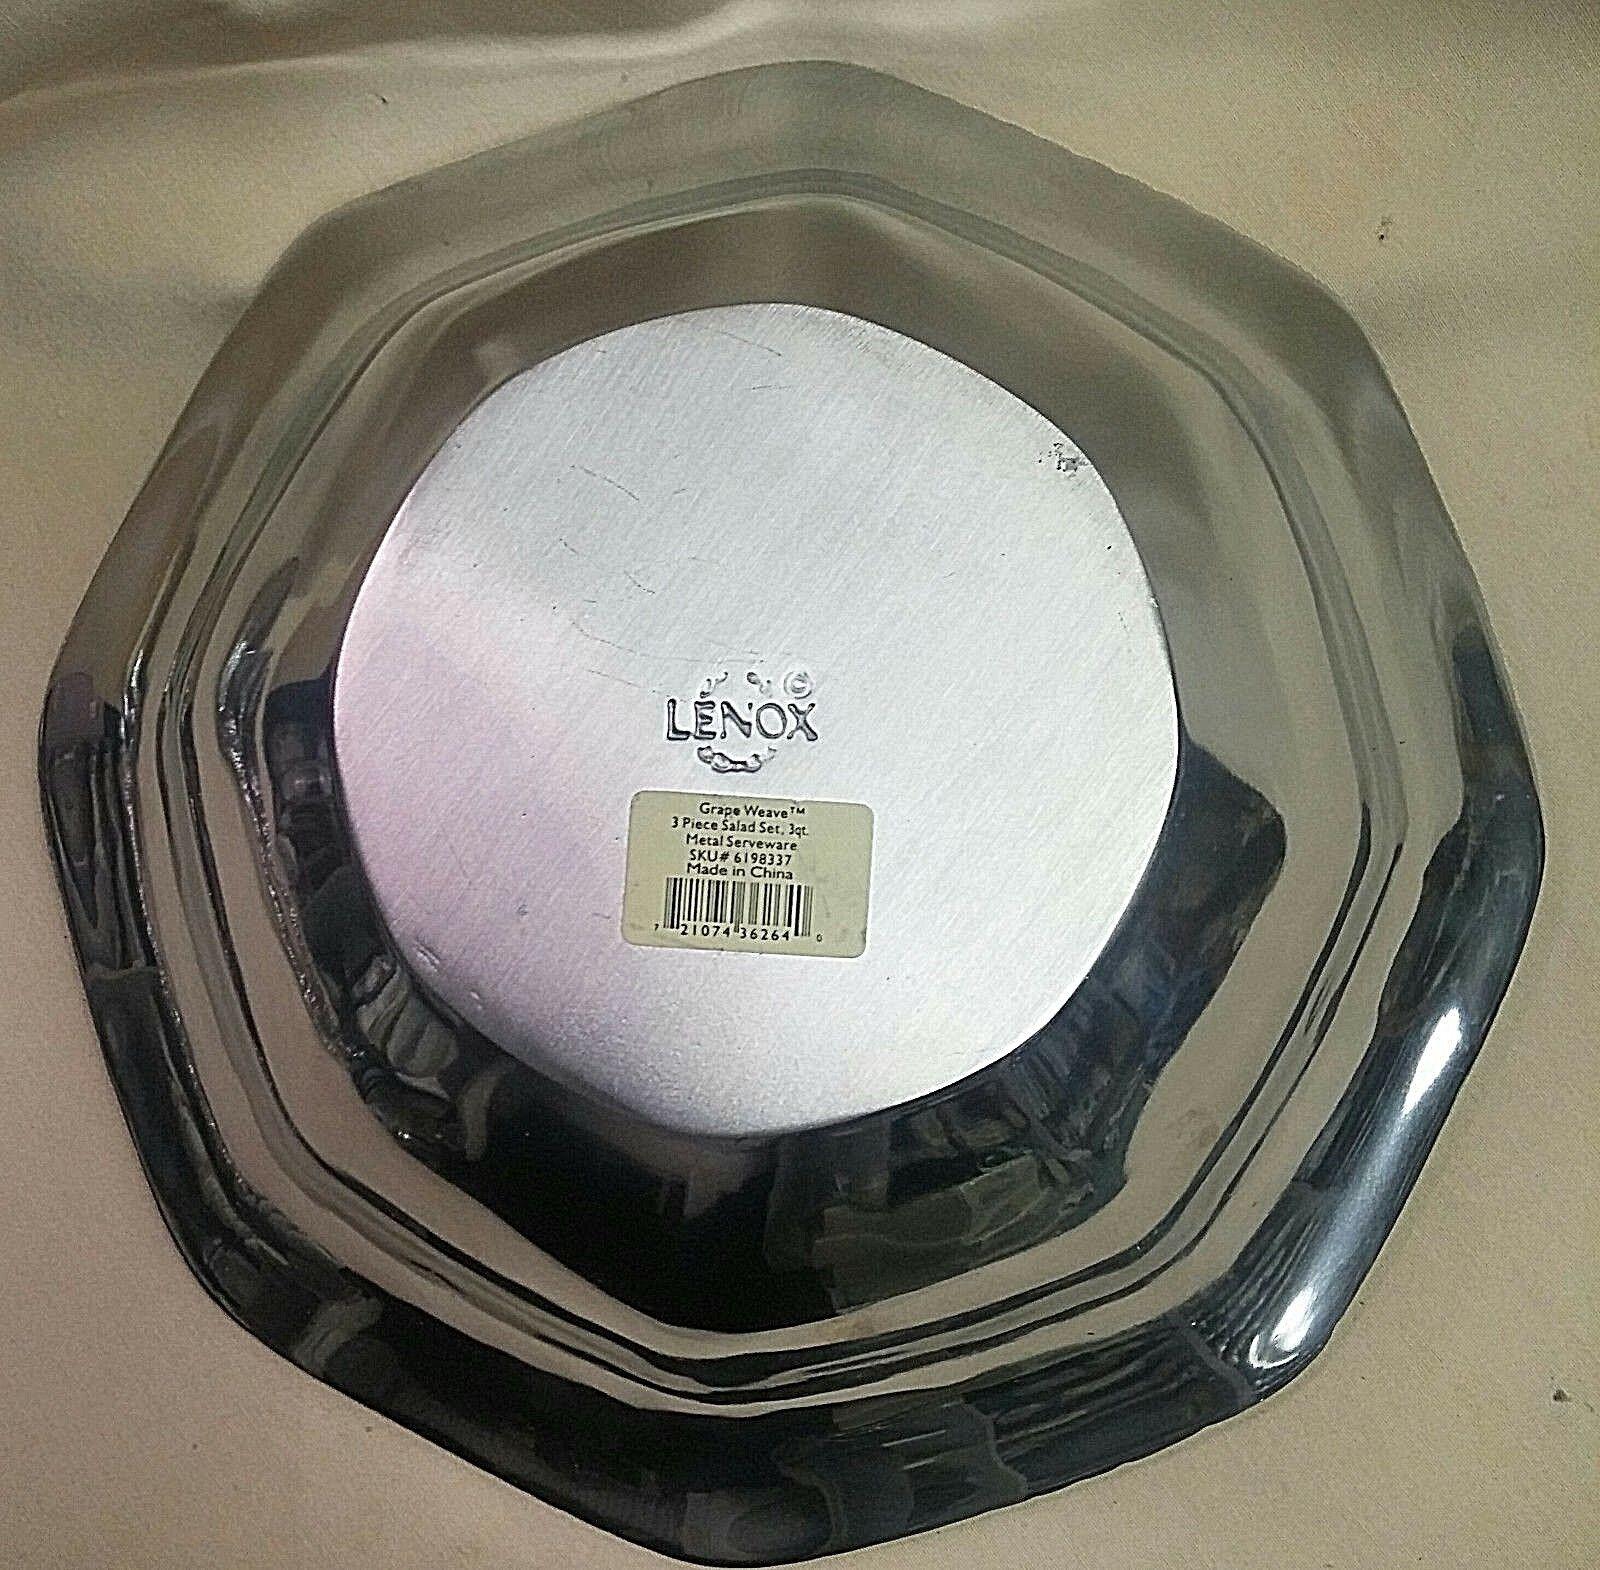 LENOX GRAPE WEAVE Salad Bowl12 Server 3 Piece Set - $149.95